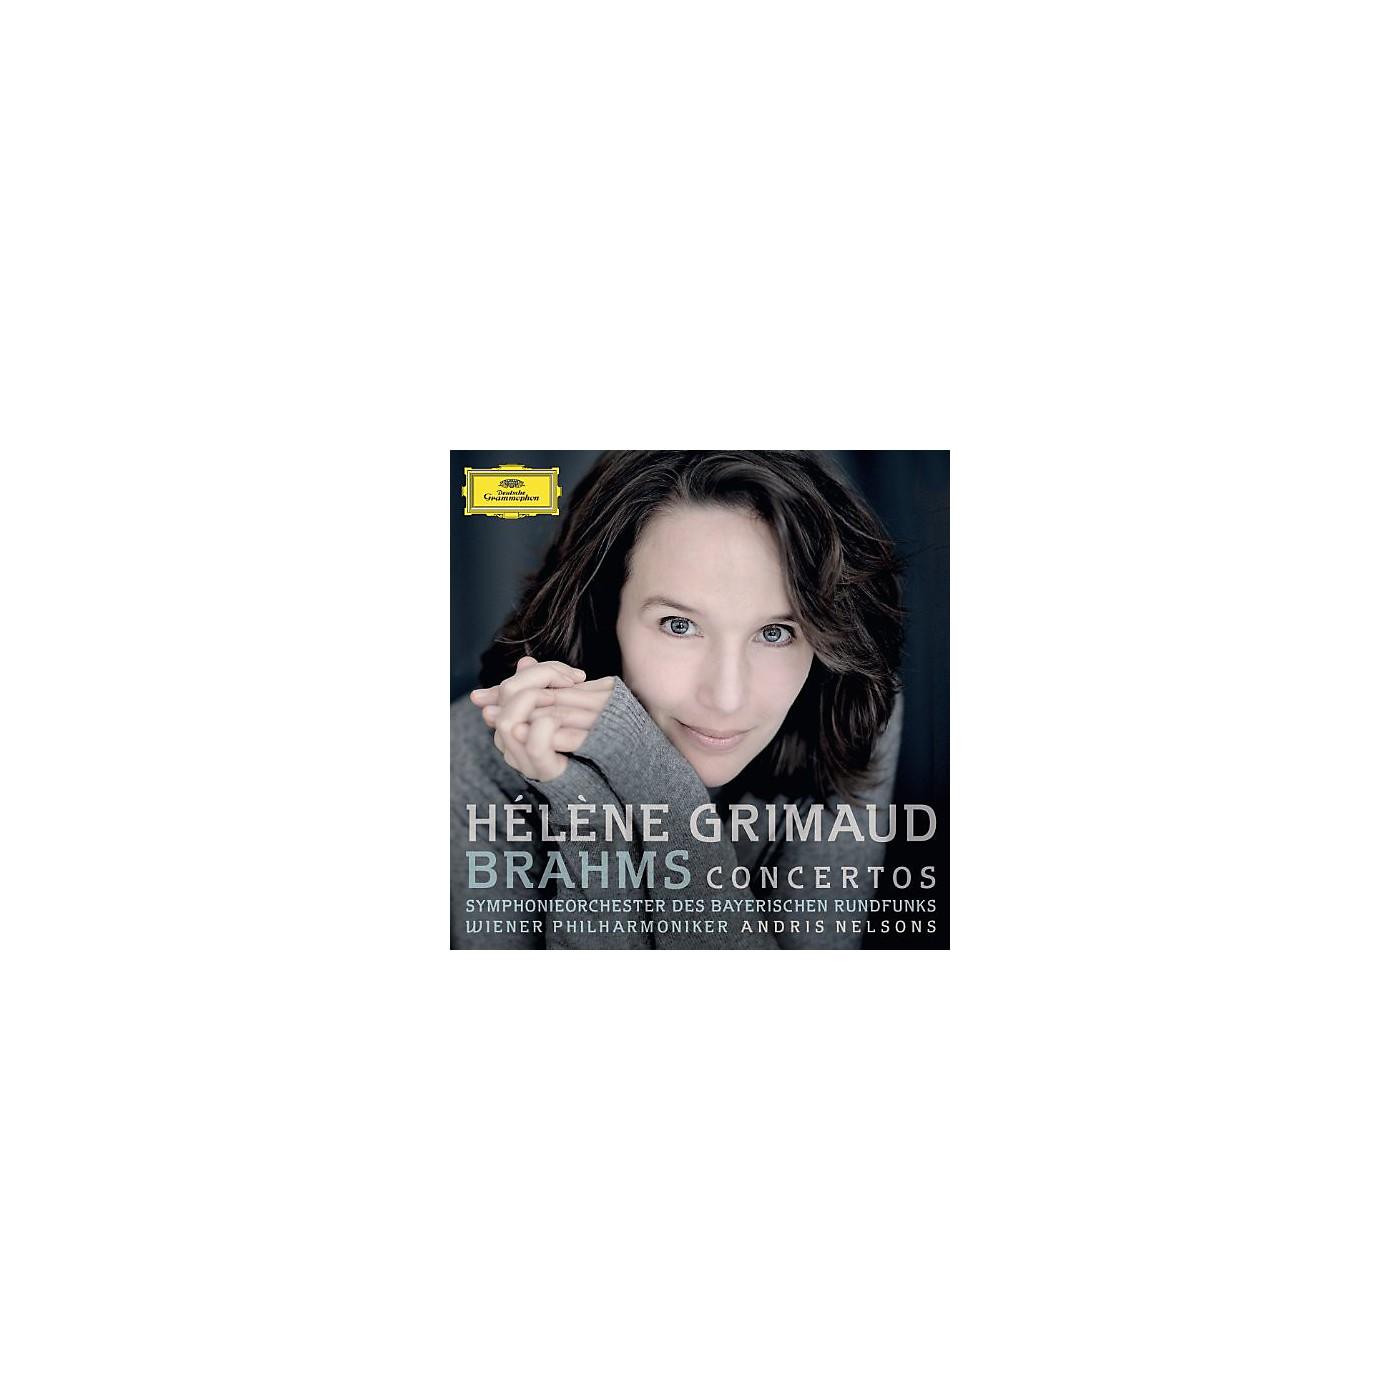 Alliance Brahms Concertos (Piano Ctos Nos 1 & 2) thumbnail